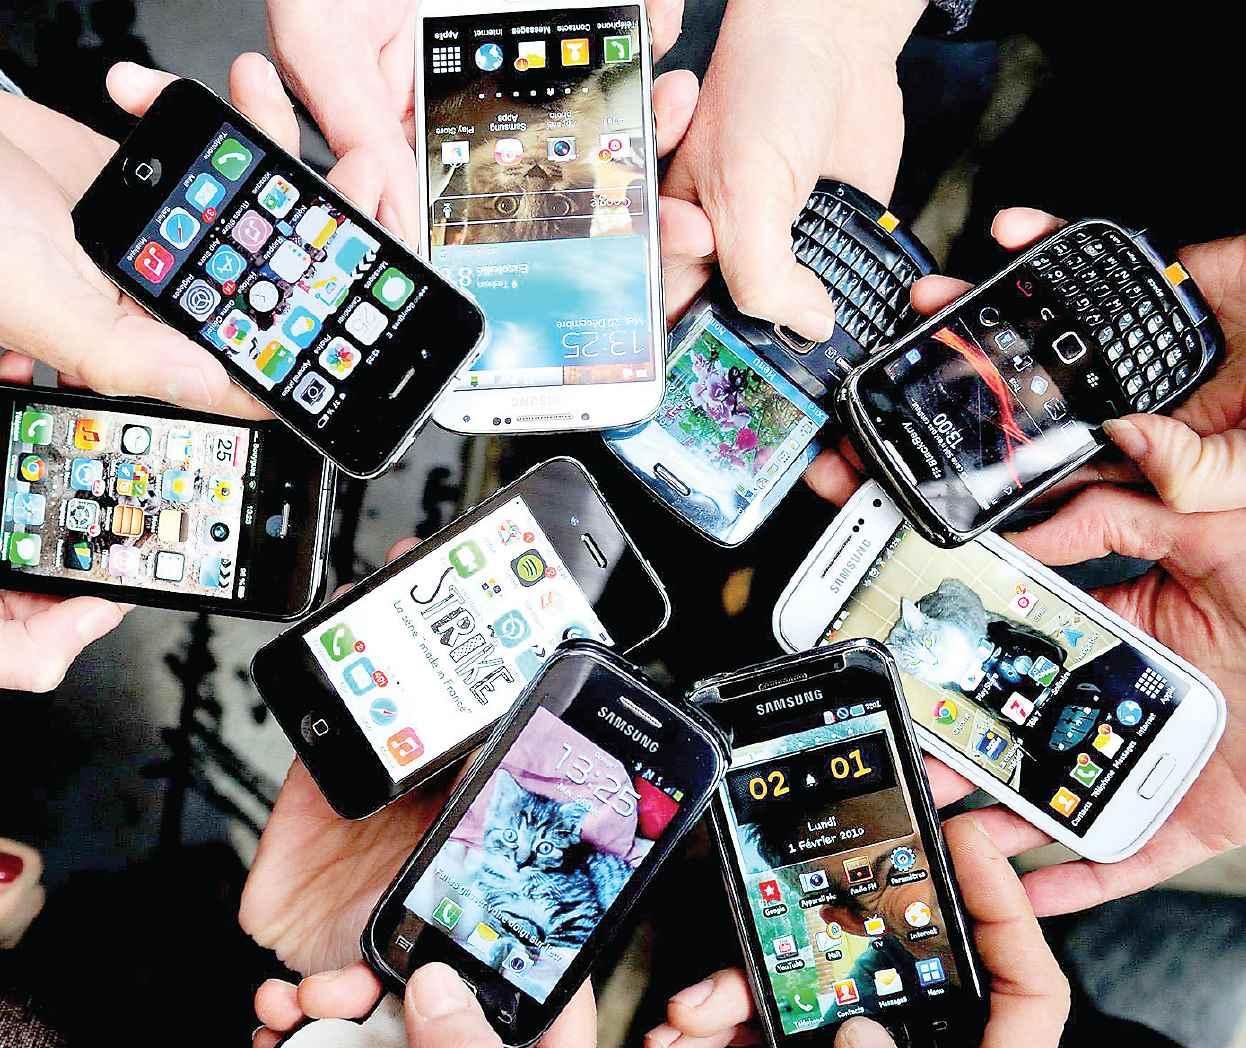 Abundan quejas contra empresas de telecomunicaciones la for Oficina consumidor telecomunicaciones